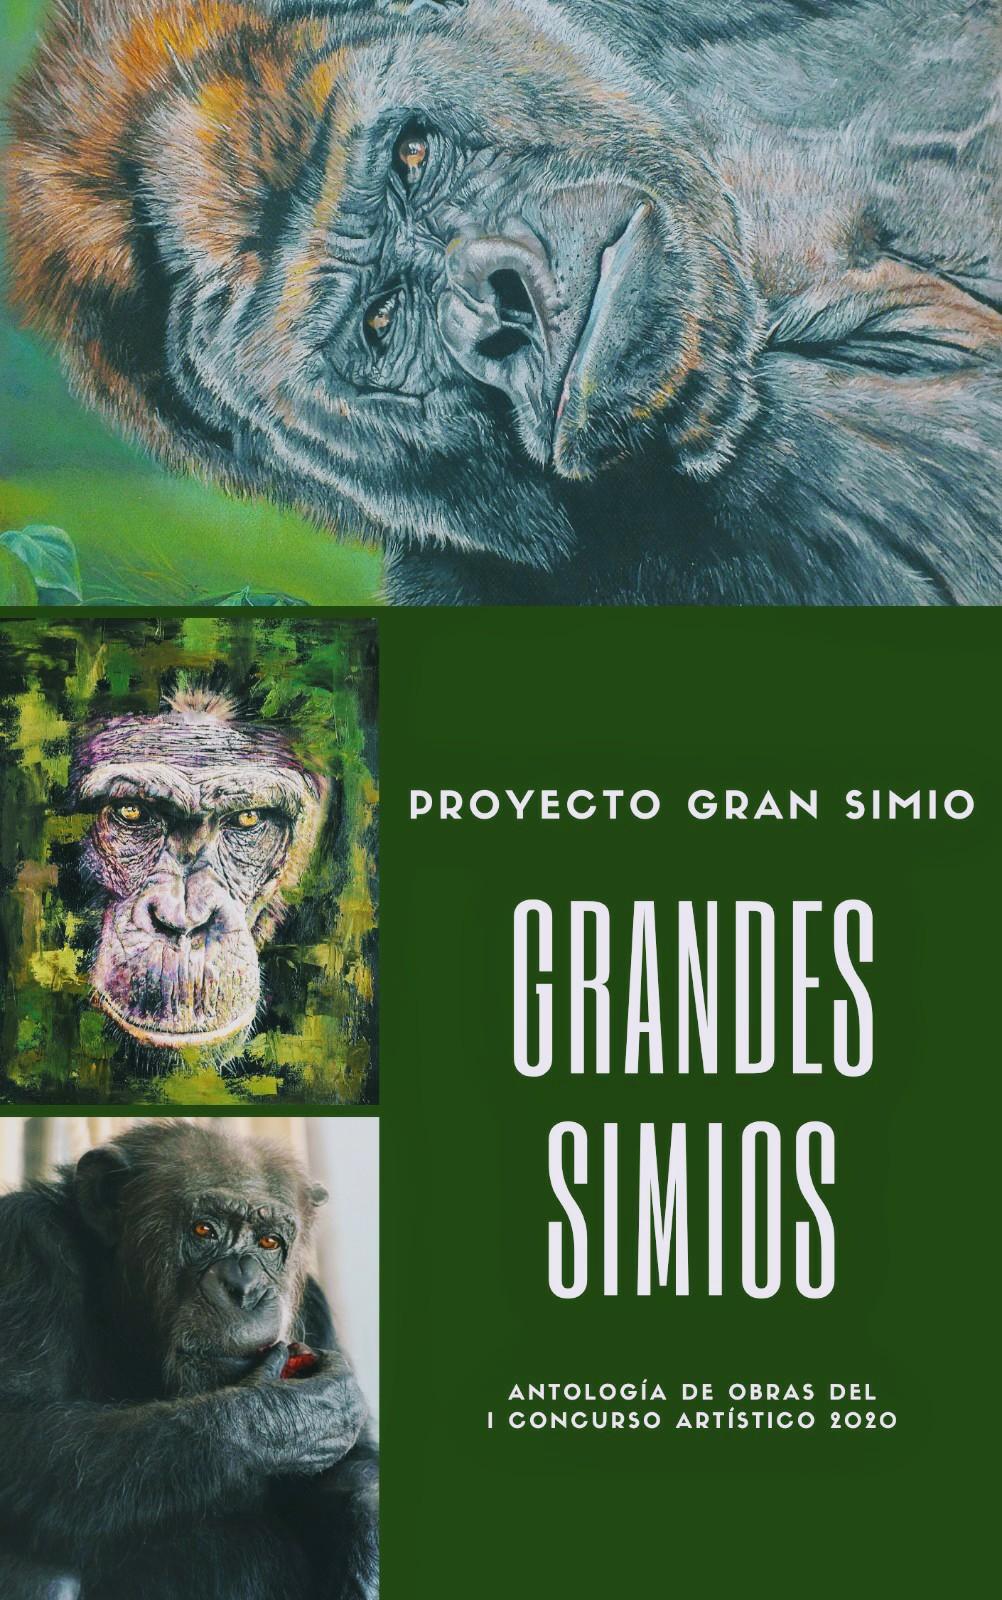 Finalizado el Primer concurso artístico sobre los Grandes Simios con una extensa participación de diferentes países.